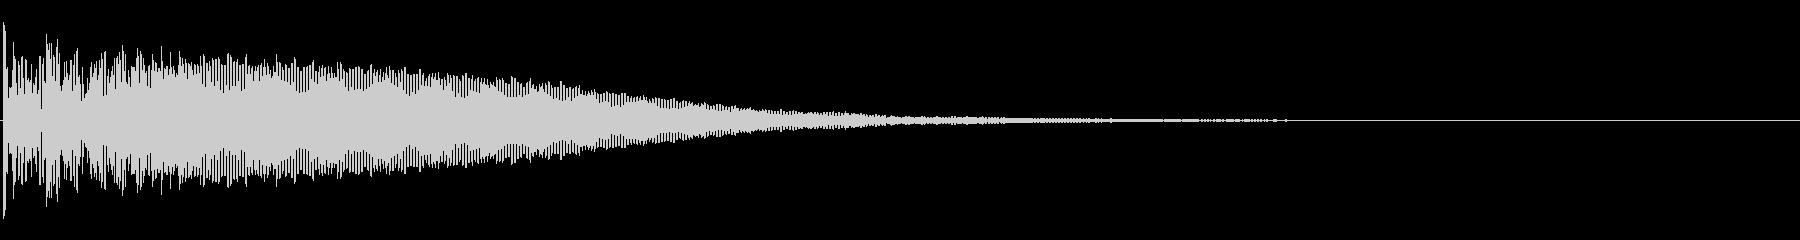 和太鼓「どどん」大きめ太鼓 太い音-02の未再生の波形